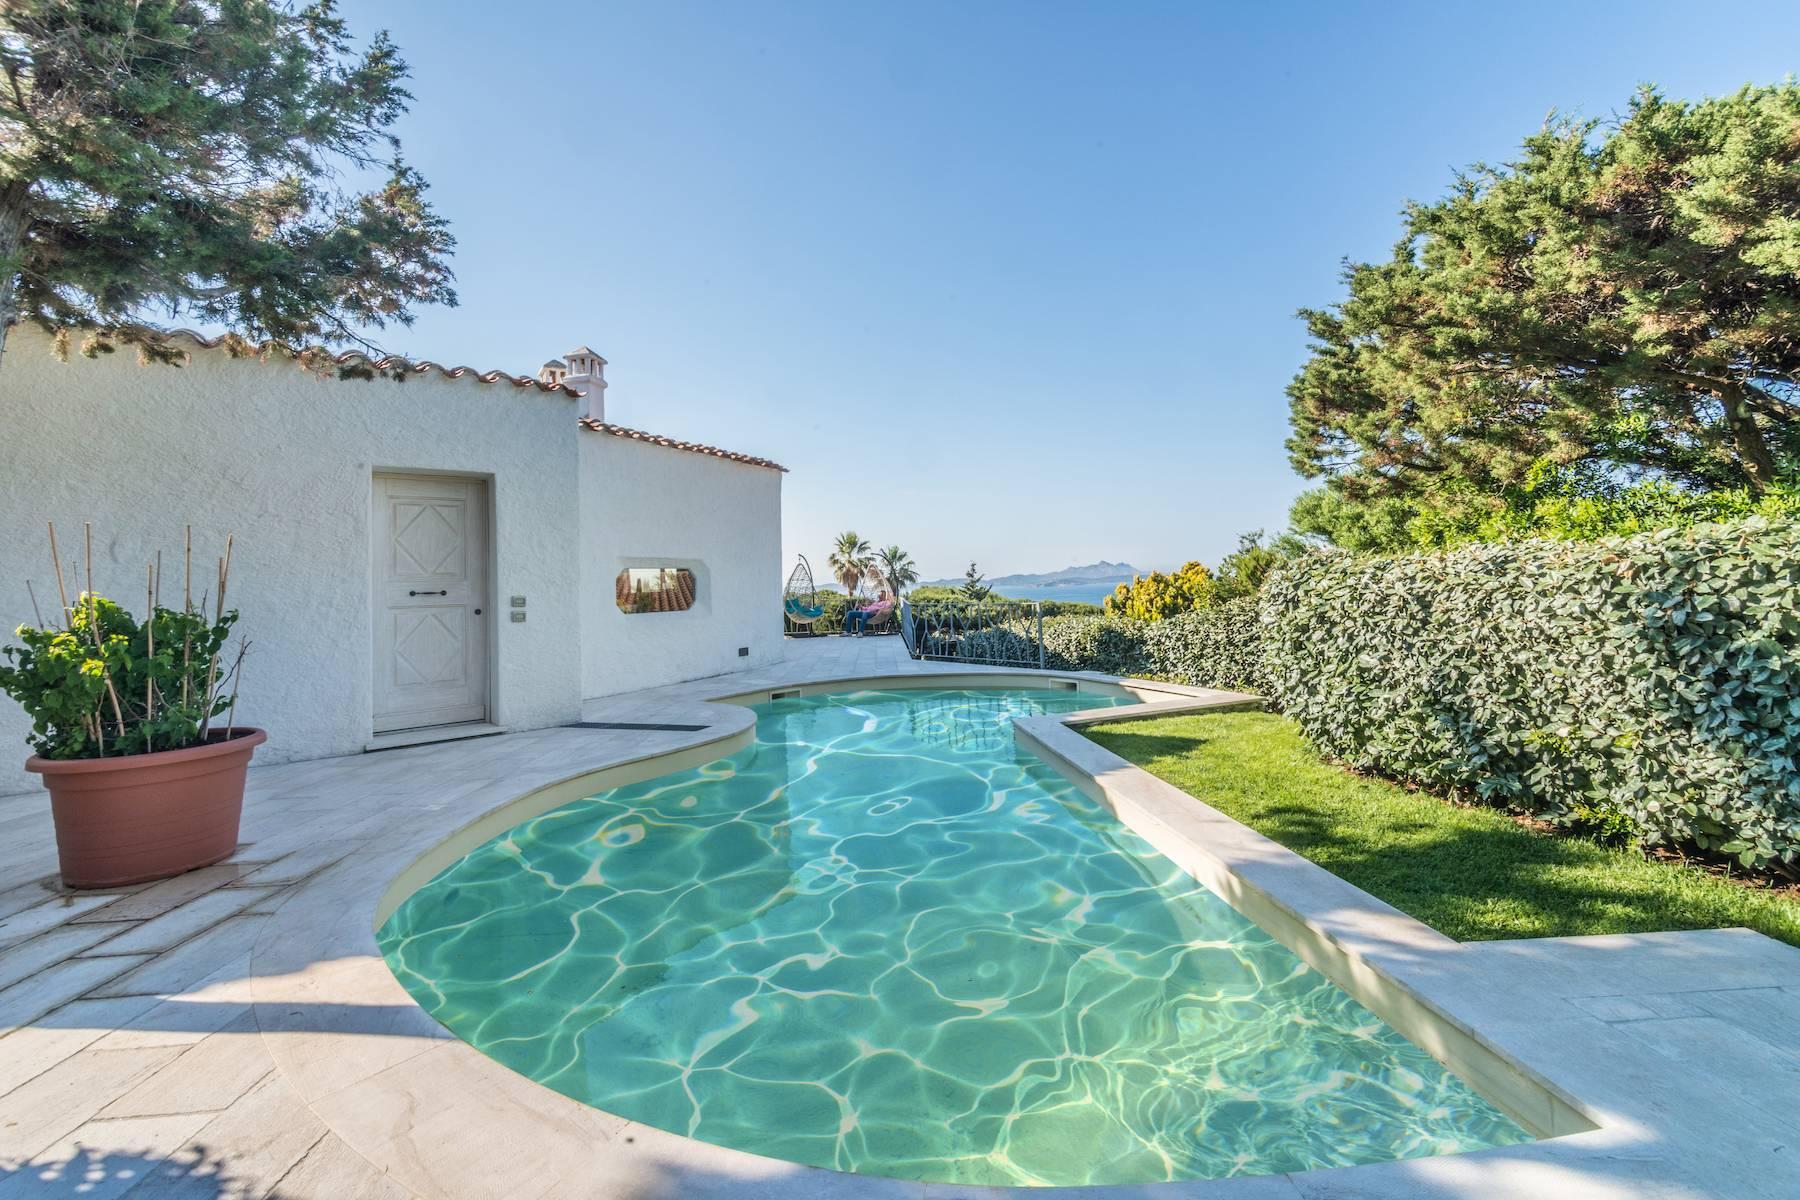 Accogliente villa con piscina privata, a pochi passi dal mare e dal centro di Baja Sardinia - 23